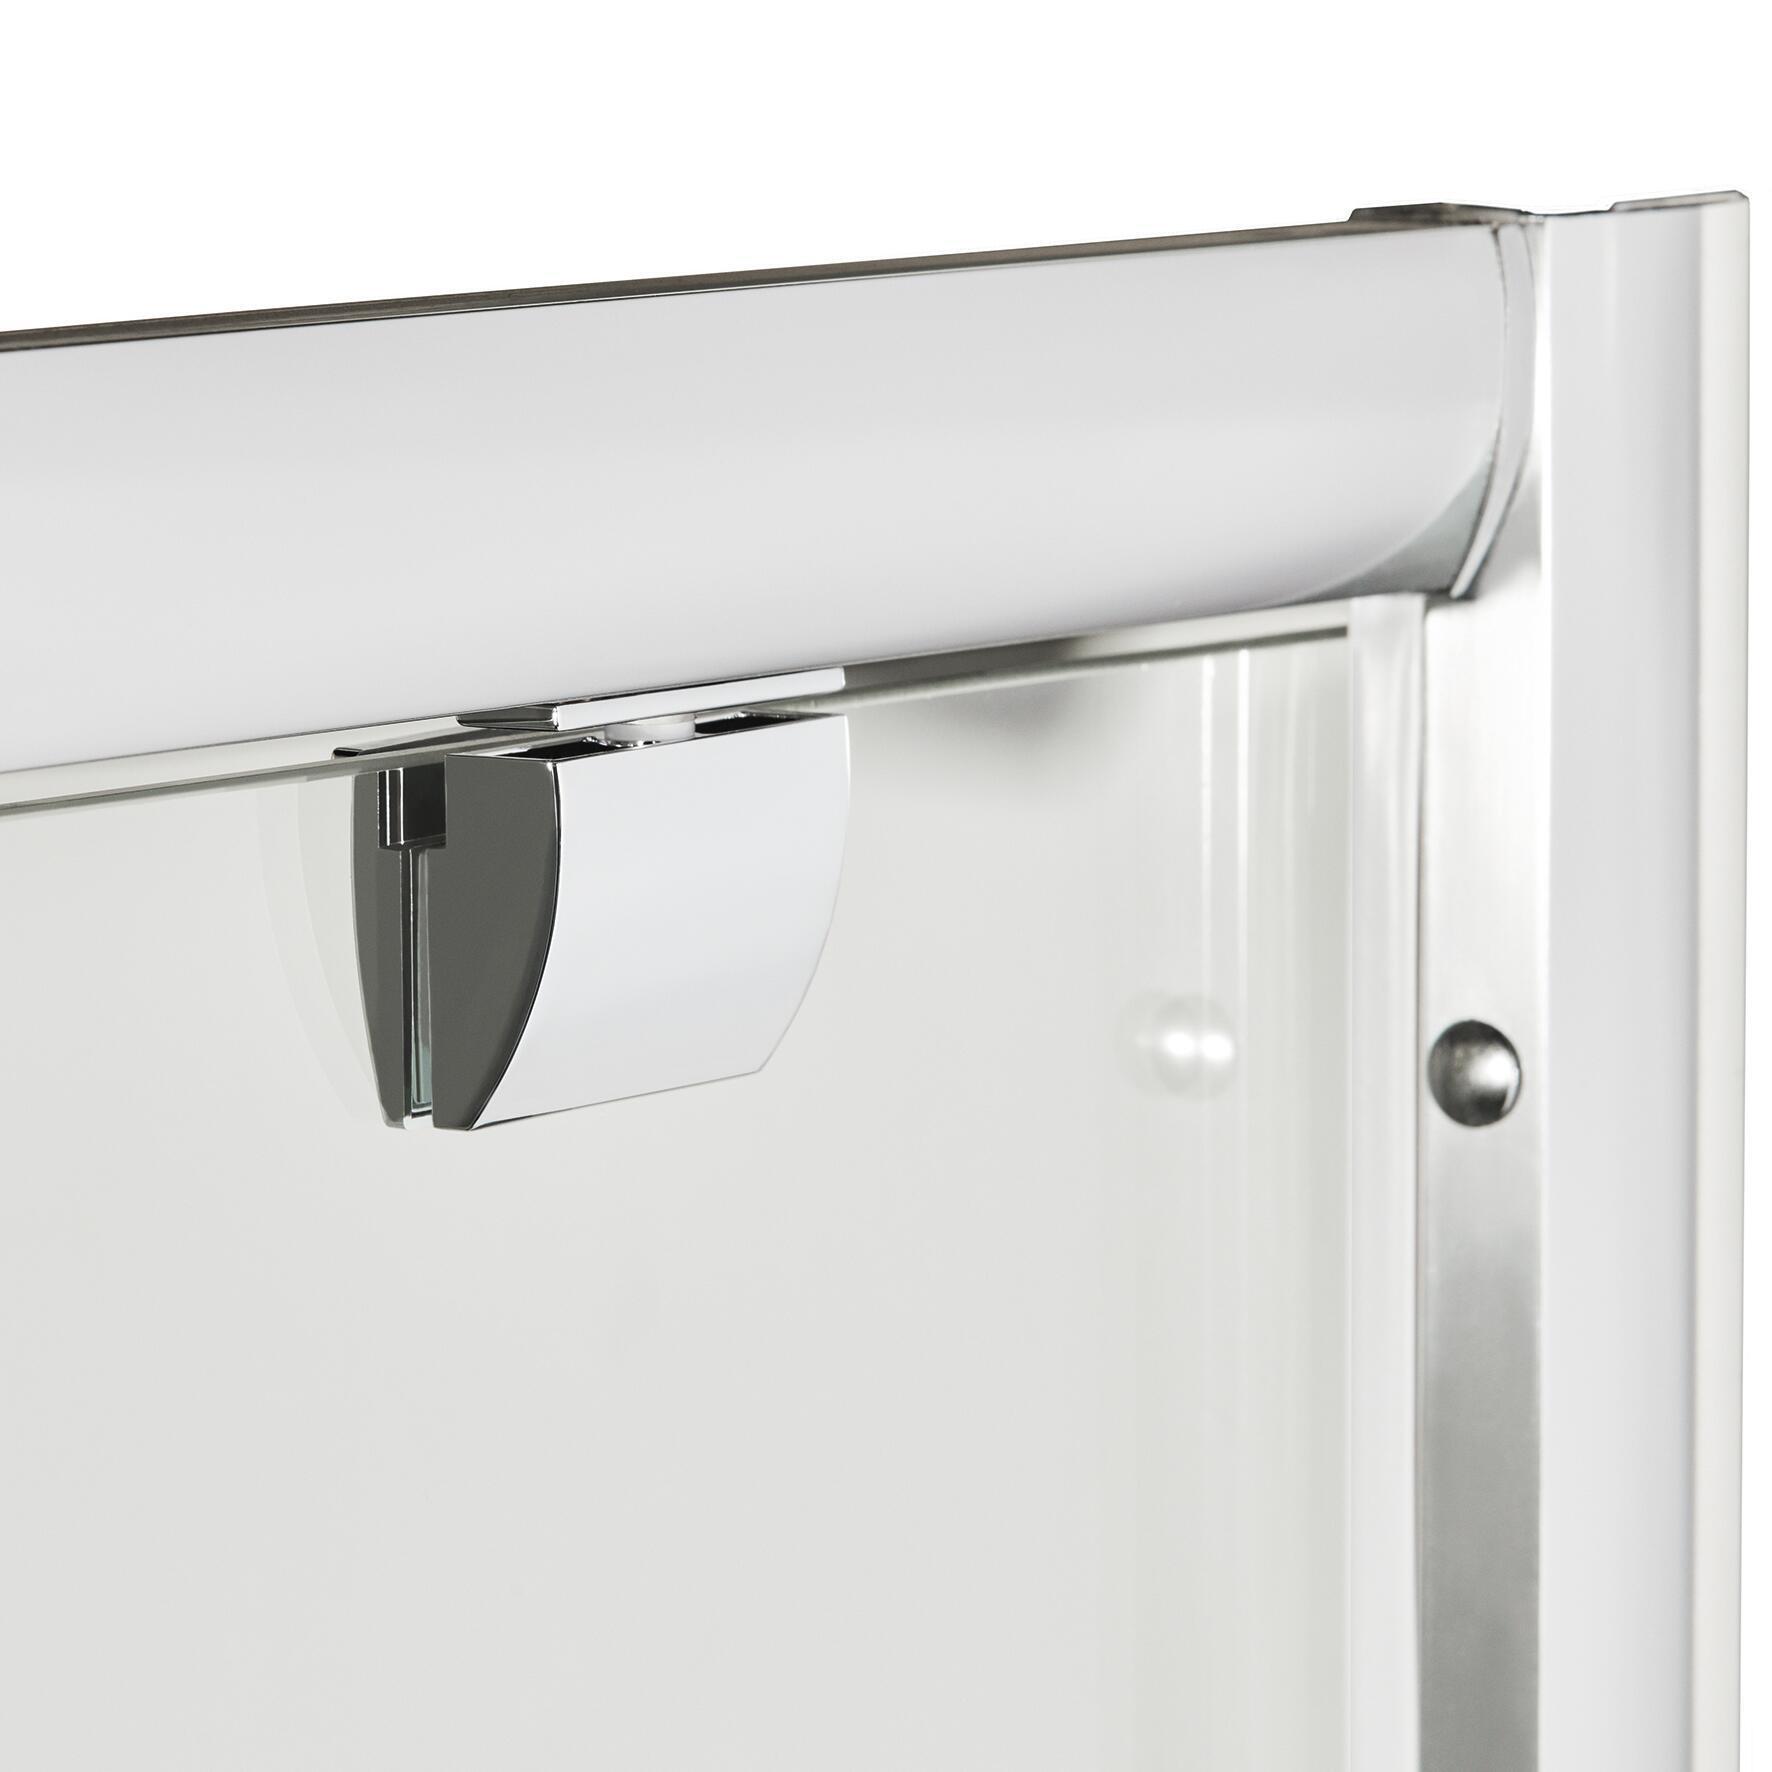 Box doccia rettangolare battente Quad 70 x 80 cm, H 190 cm in vetro temprato, spessore 6 mm trasparente argento - 3